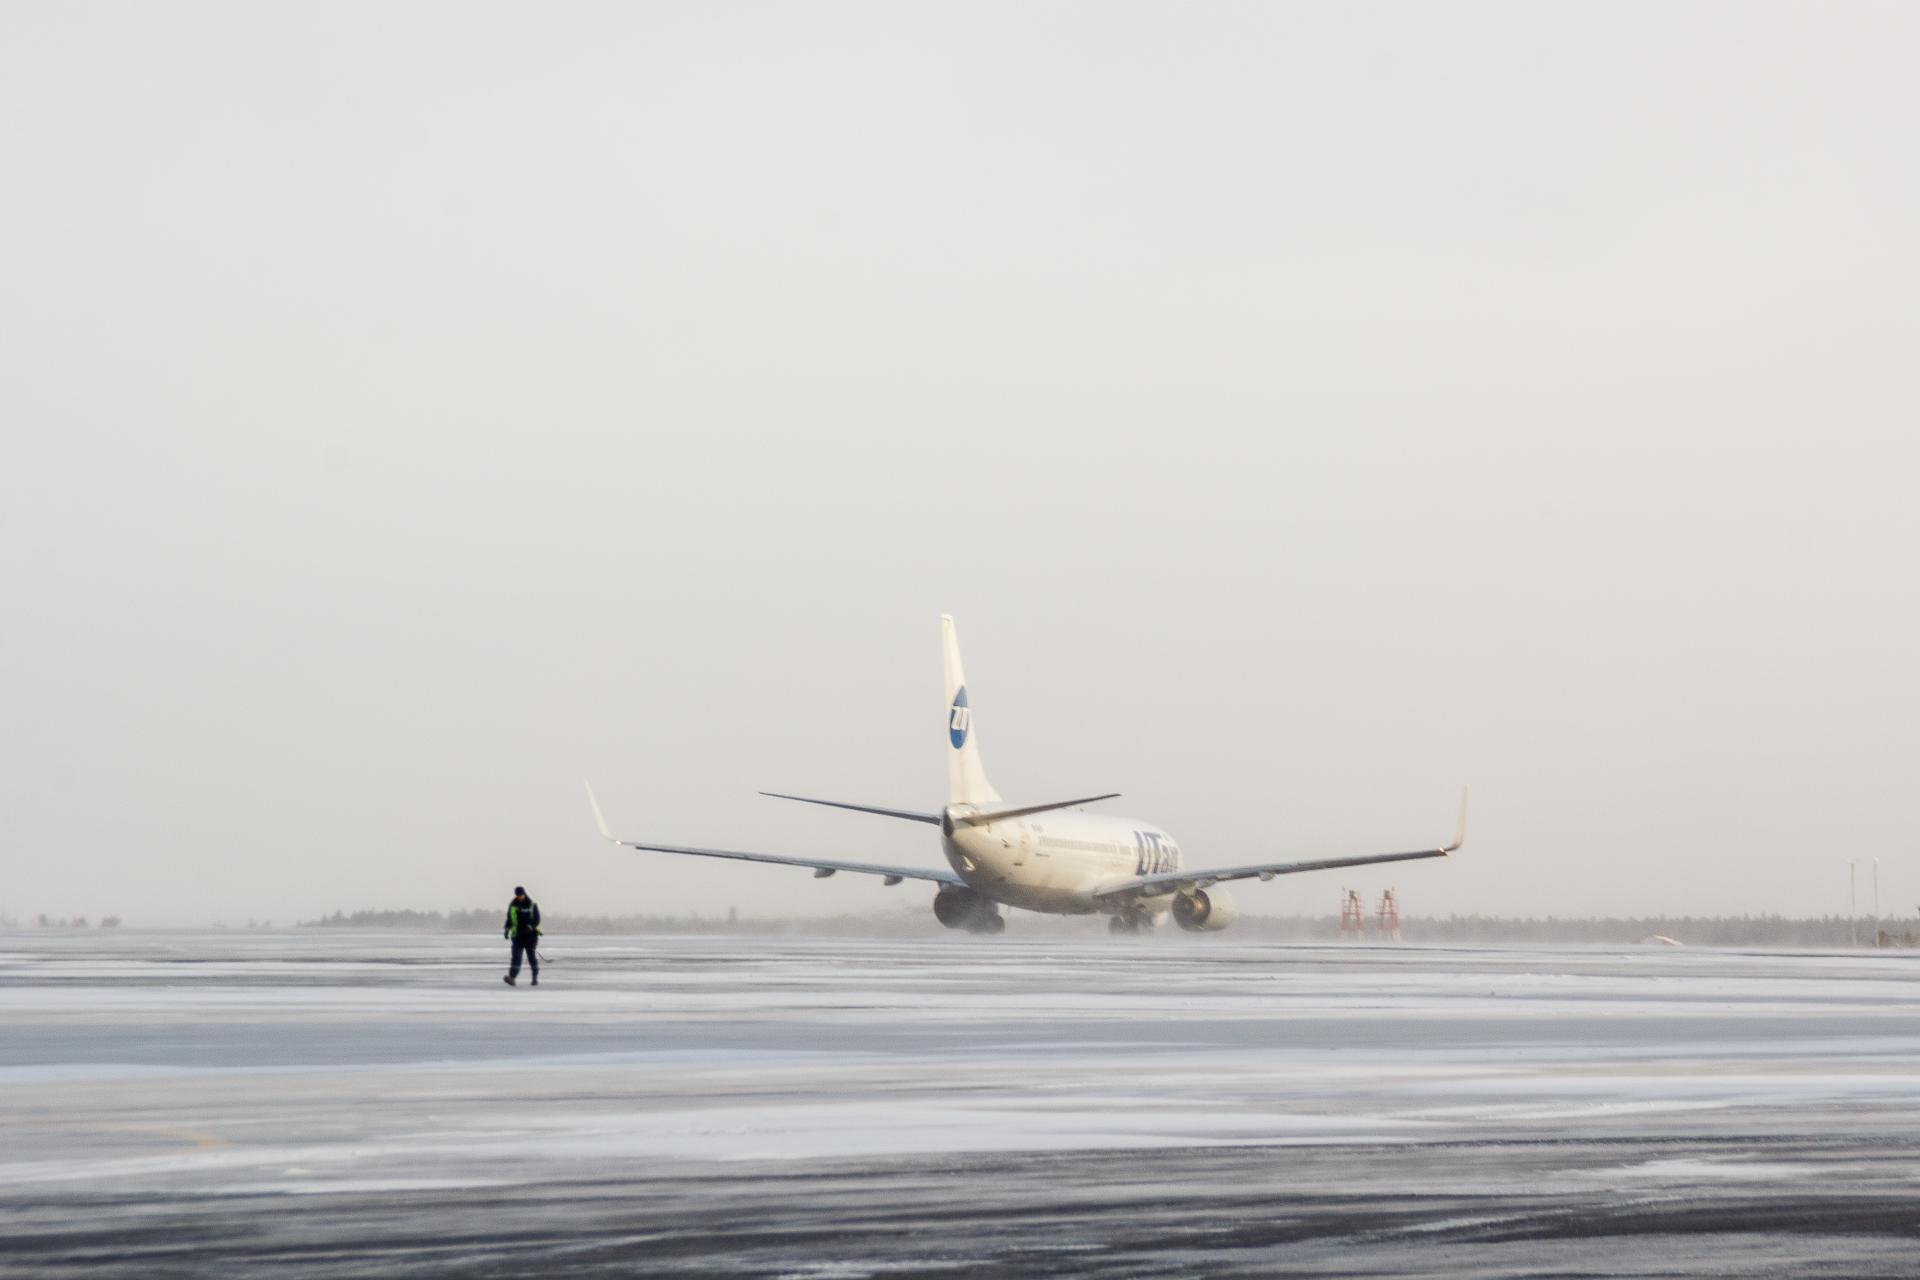 Ваэропорту Сургута из-за холодов задержаны рейсы